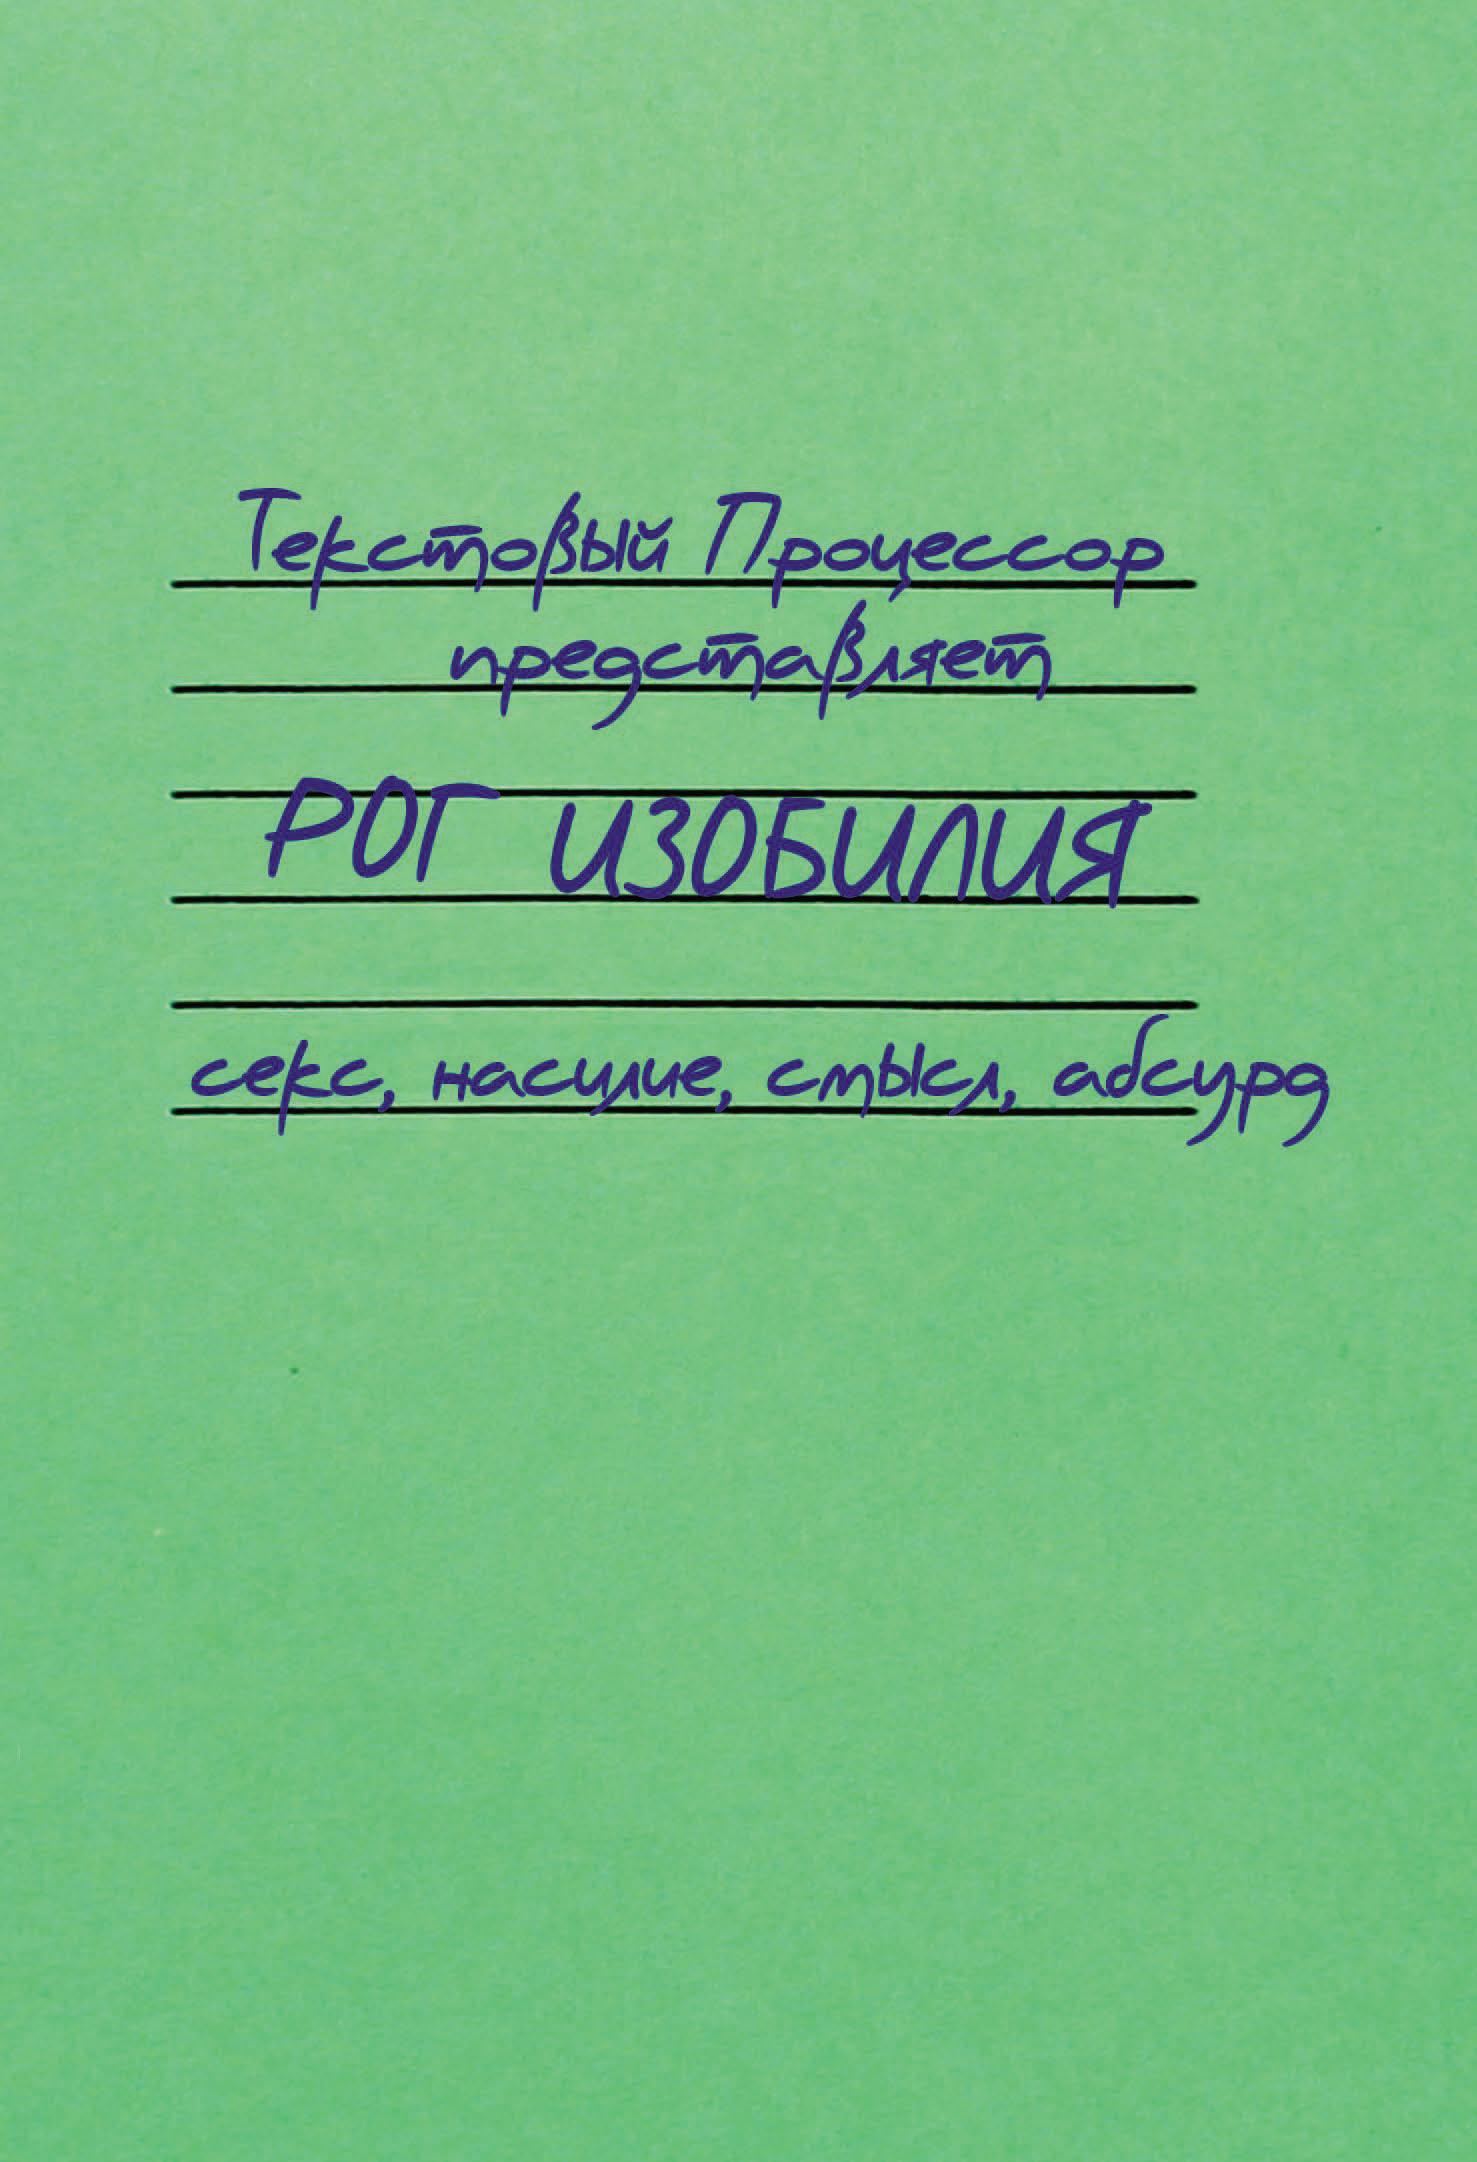 Текстовый Процессор Рог изобилия. Секс, насилие, смысл, абсурд (сборник) текстовый процессор рог изобилия секс насилие смысл абсурд сборник